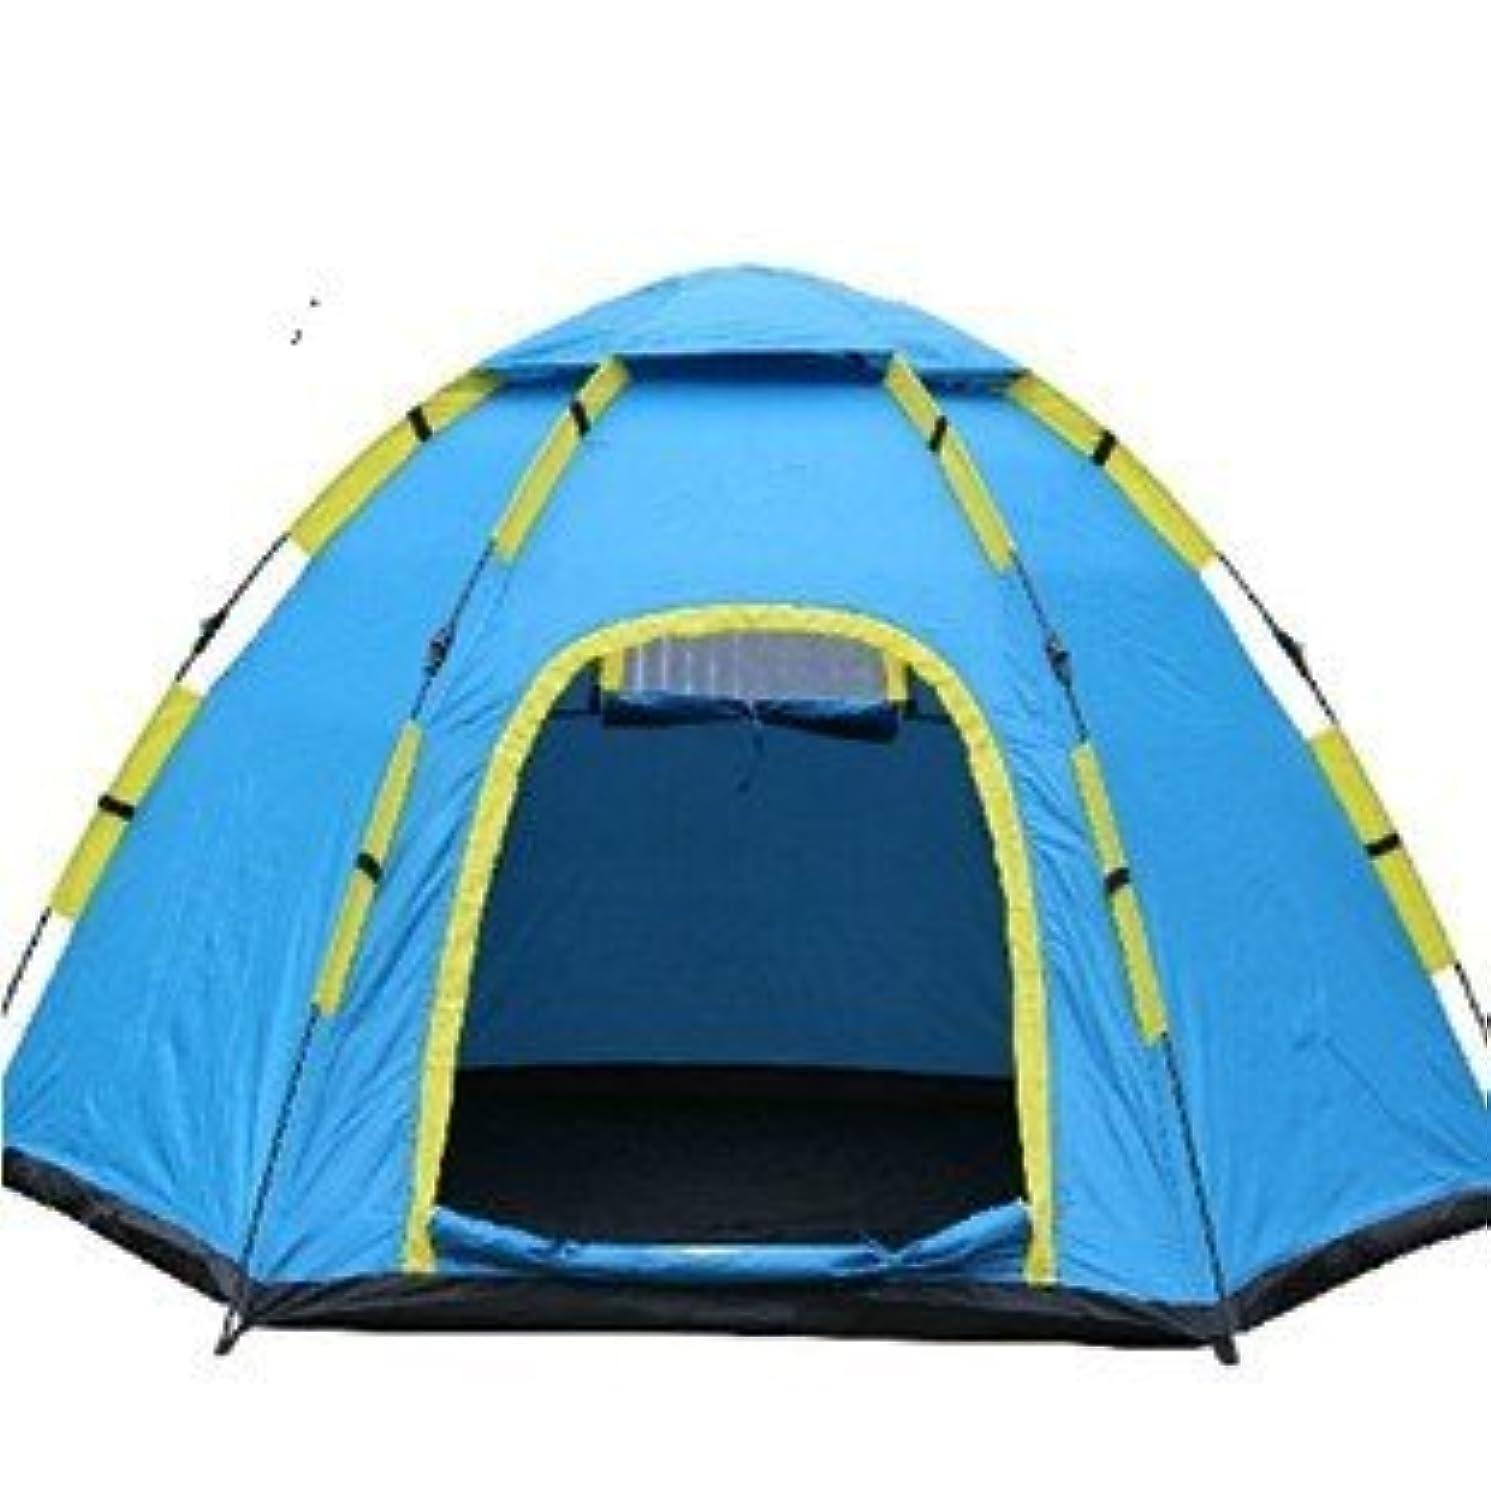 化粧廃止する孤独なOkiiting 屋外の自動キャンプテント防水と雨防止の日焼け止め抗蚊インストールが簡単安全で環境に優しいファーストキャンプクイックオープンテント登山/キャンプ/釣り5-8人 うまく設計された